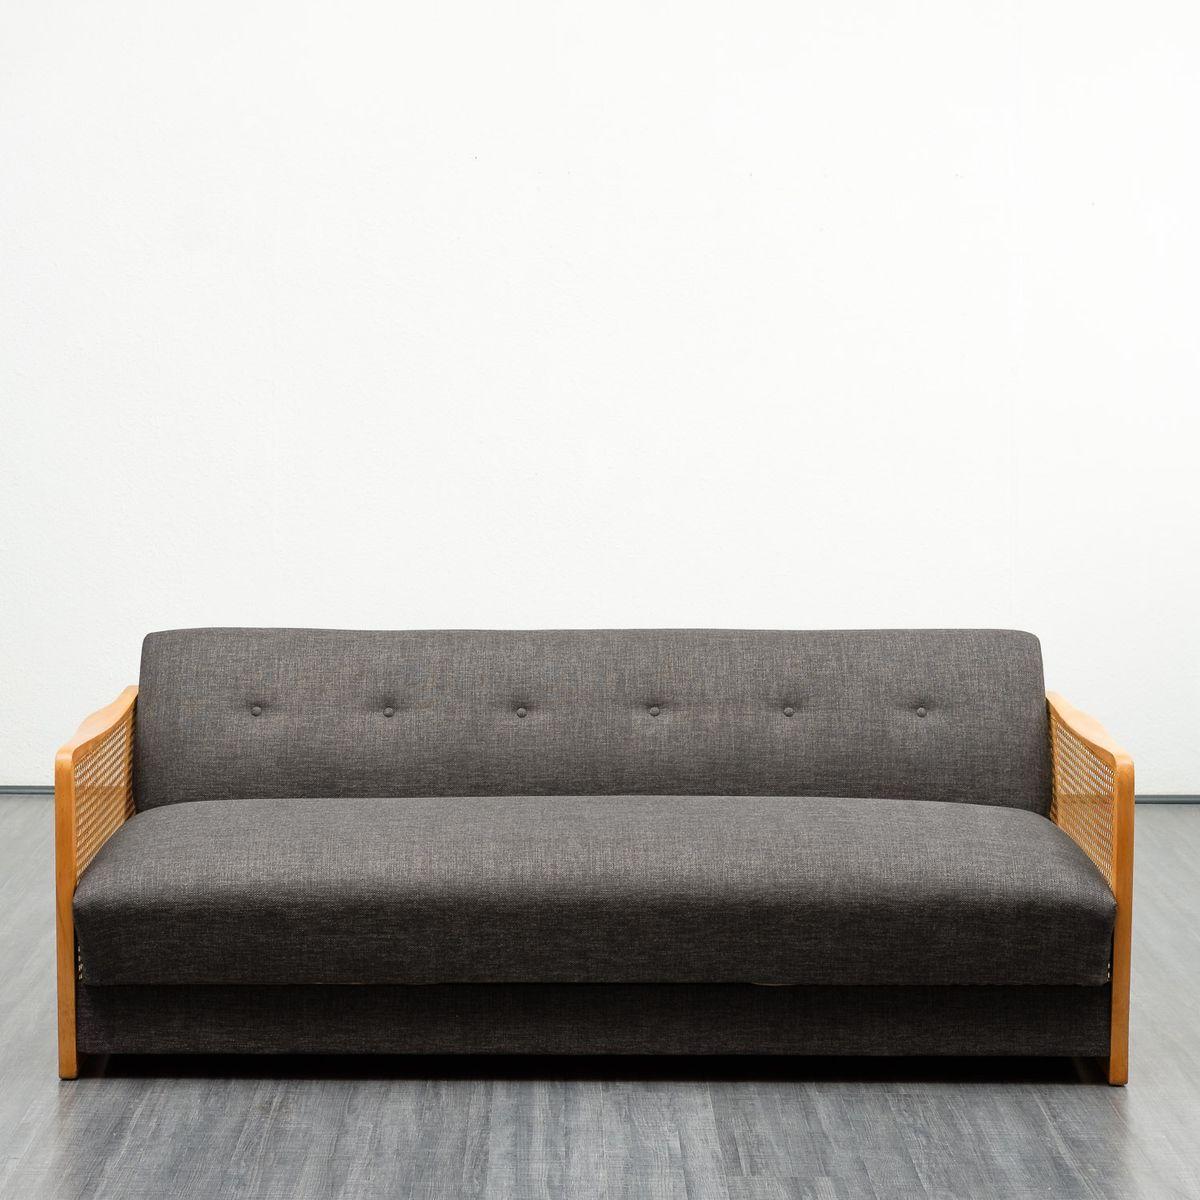 Sofa oder Tagesbett mit Wiener Geflecht, 1950er